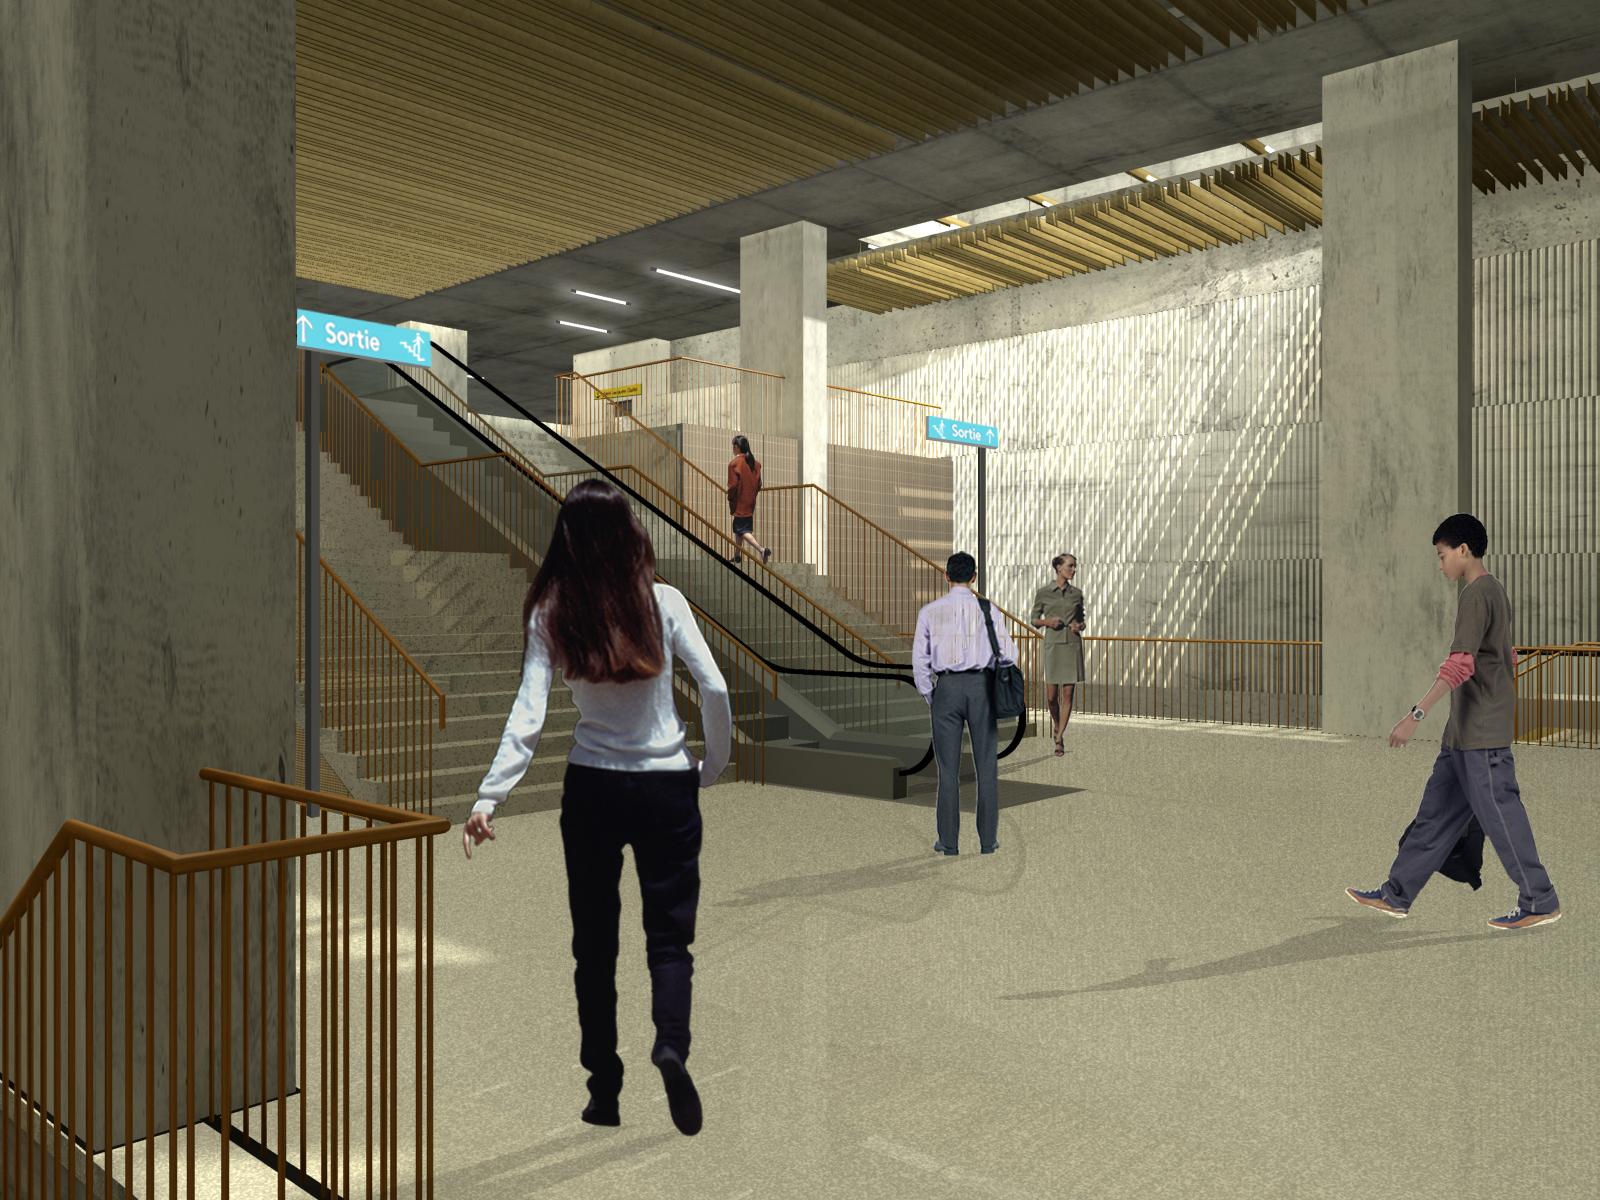 Station cleunay salle des billets 3 susan dunne berranger et vincent